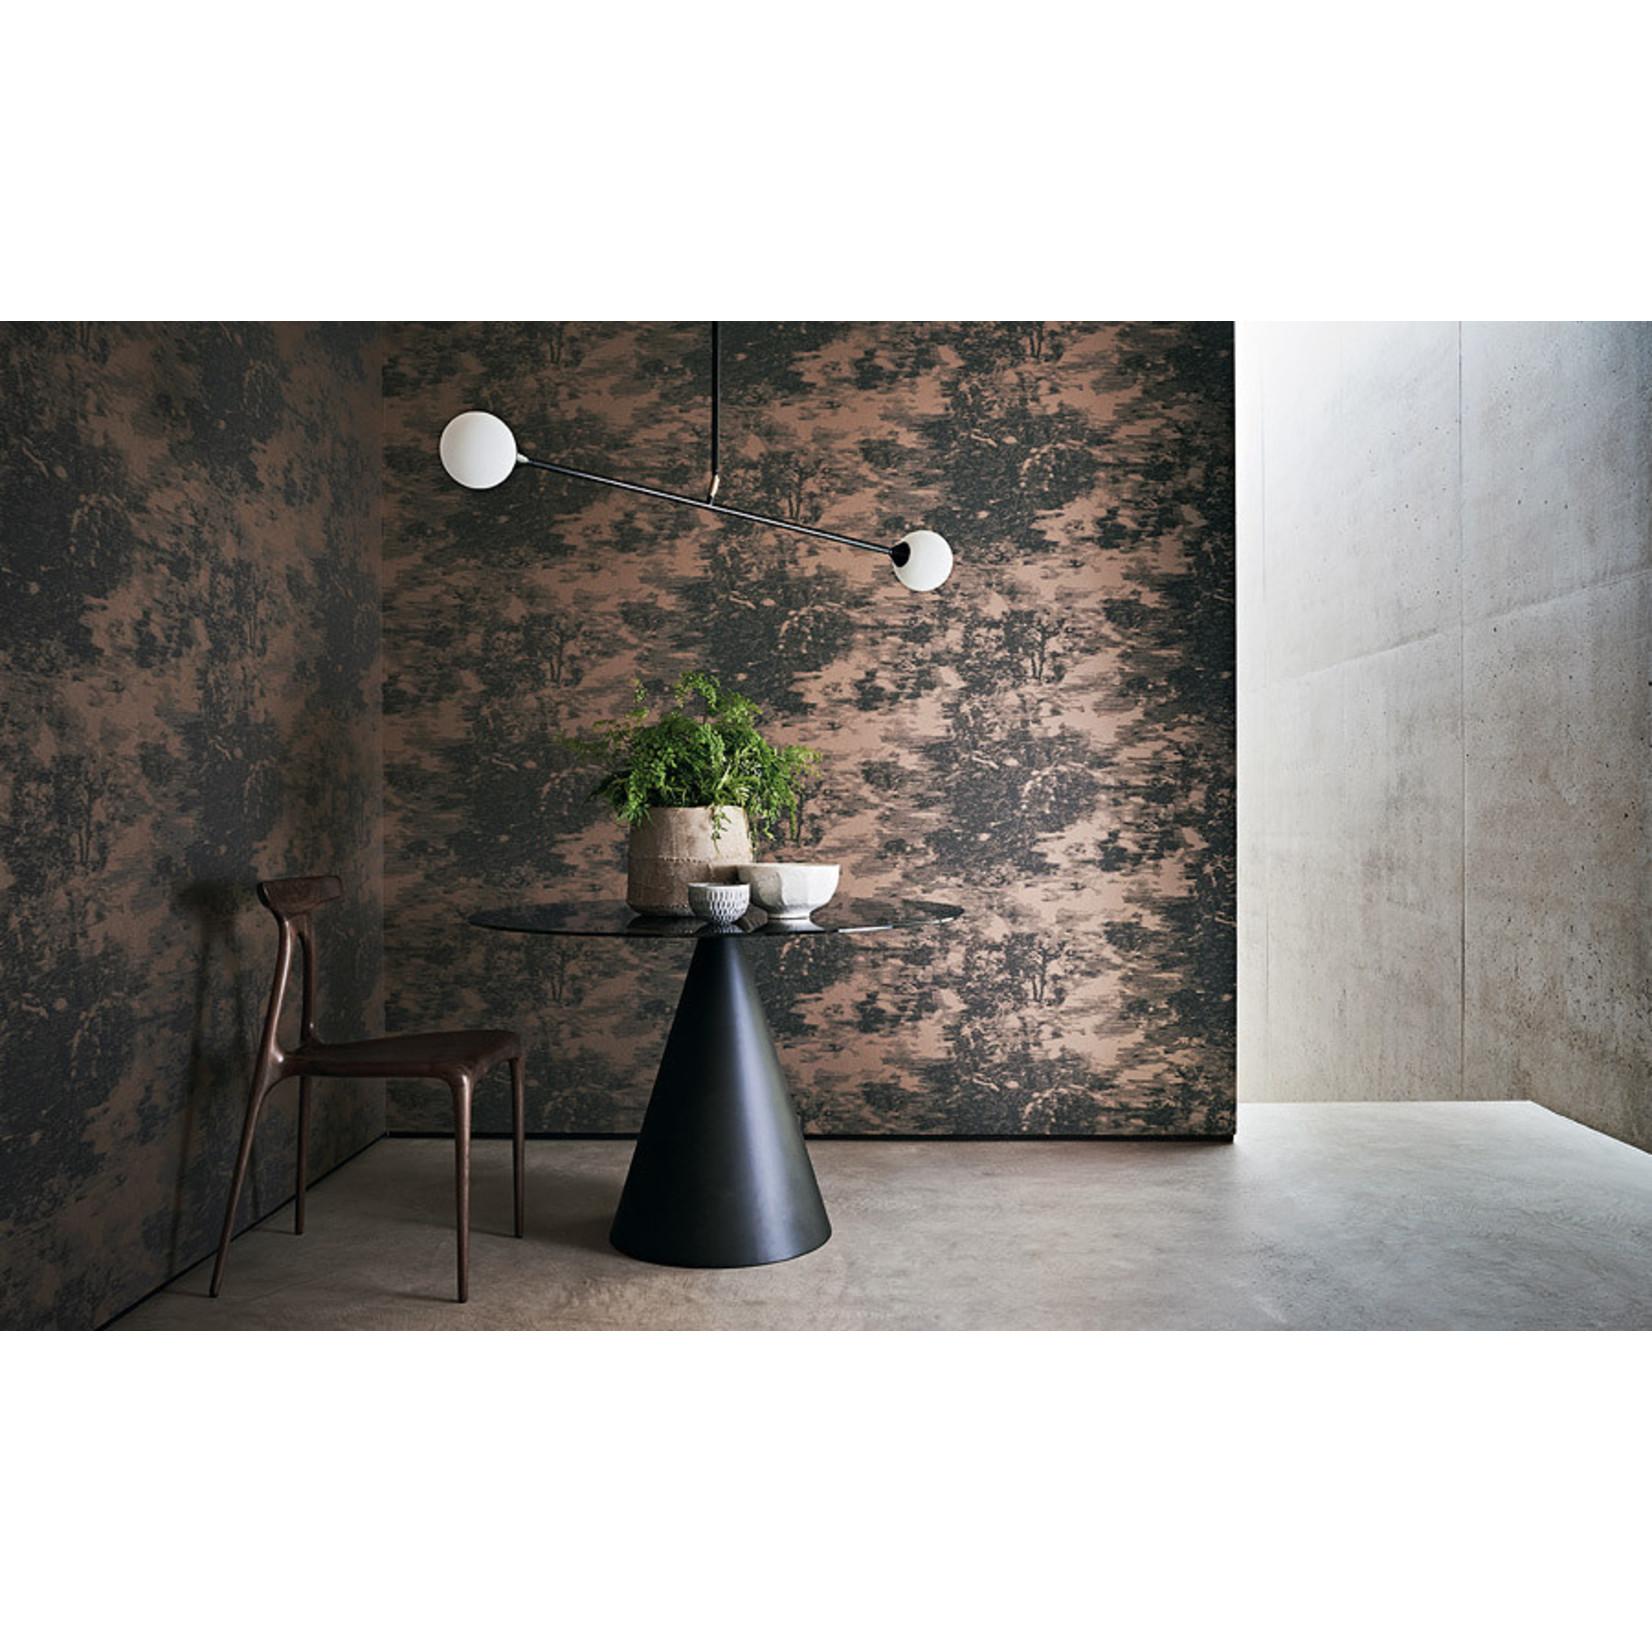 Black Edition Mizumi Wallcoverings | Mitoku Iridum